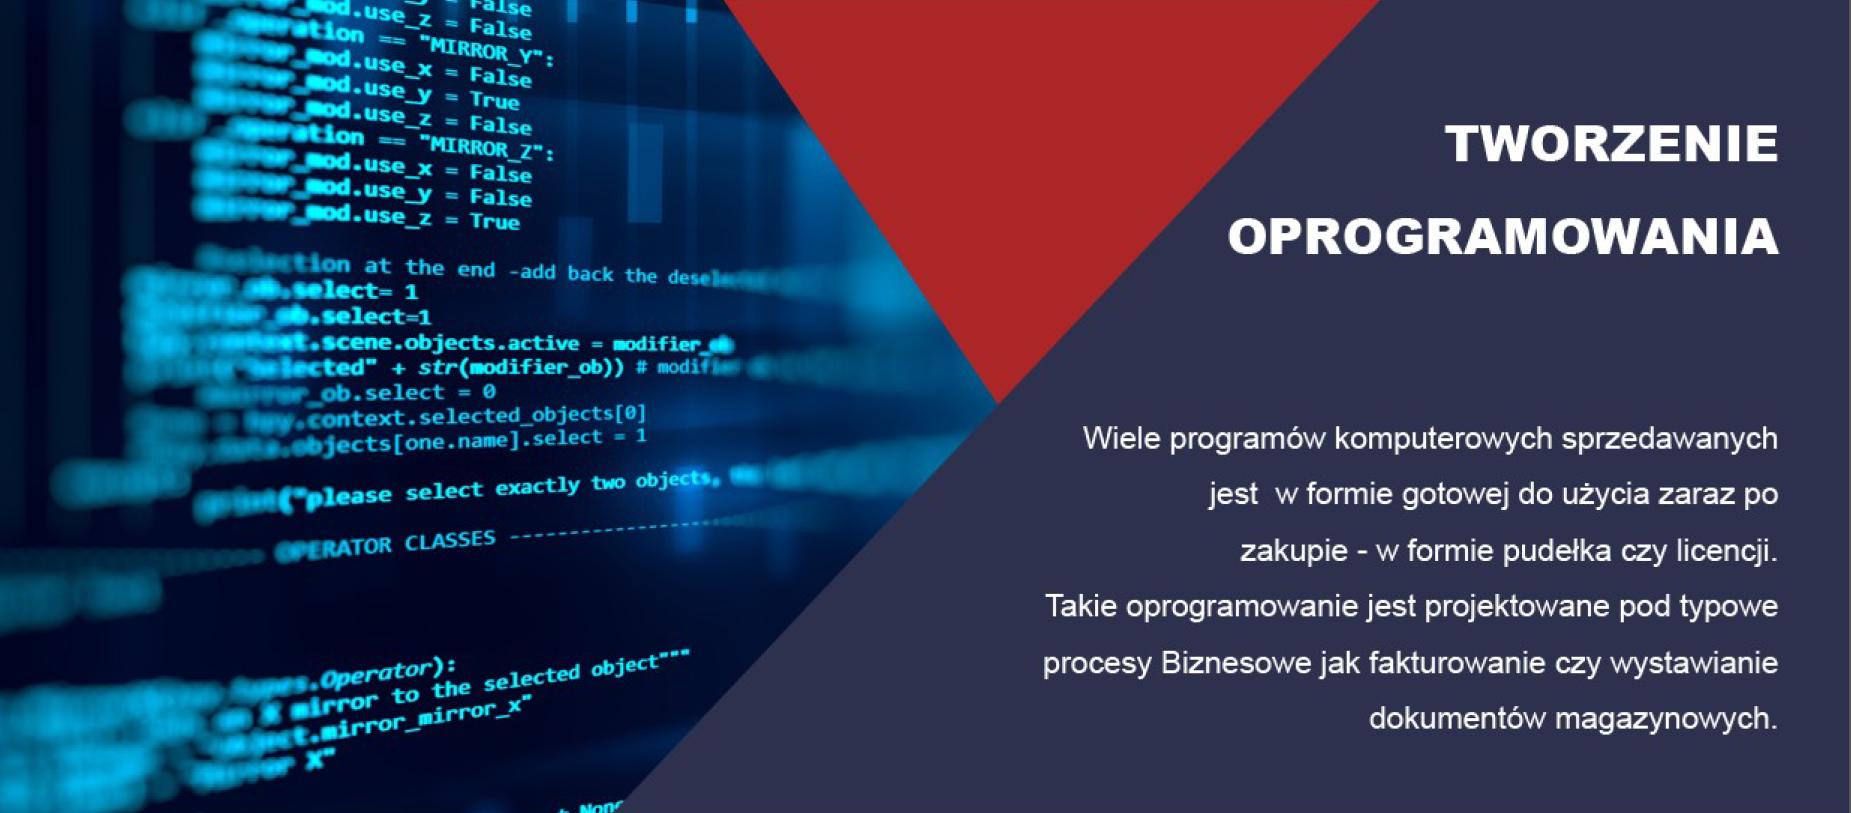 pisanie oprogramowania